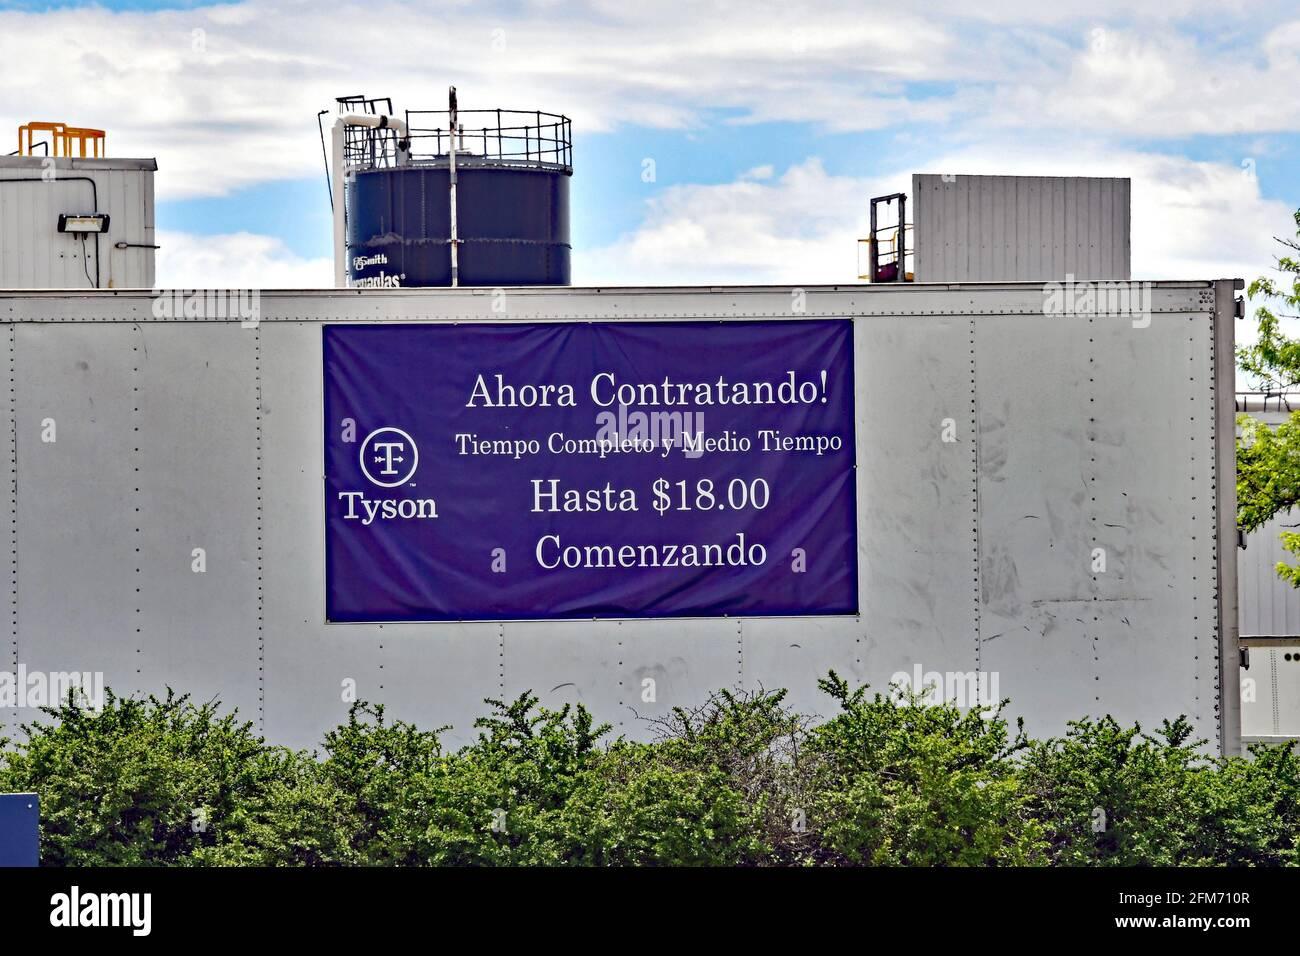 Emporia, Kansas, États-Unis. 6 mai 2021. Des panneaux d'embauche en anglais et en espagnol sont maintenant affichés autour de l'entrée de l'usine Tyson Fresh Meats à Emporia, Kansas, alors que les entreprises cherchent à embaucher des employés et à augmenter la production normale après la pandémie COVID-19 le 6 mai 2021. Crédit : Mark Reinstein/Media Punch/Alamy Live News Banque D'Images